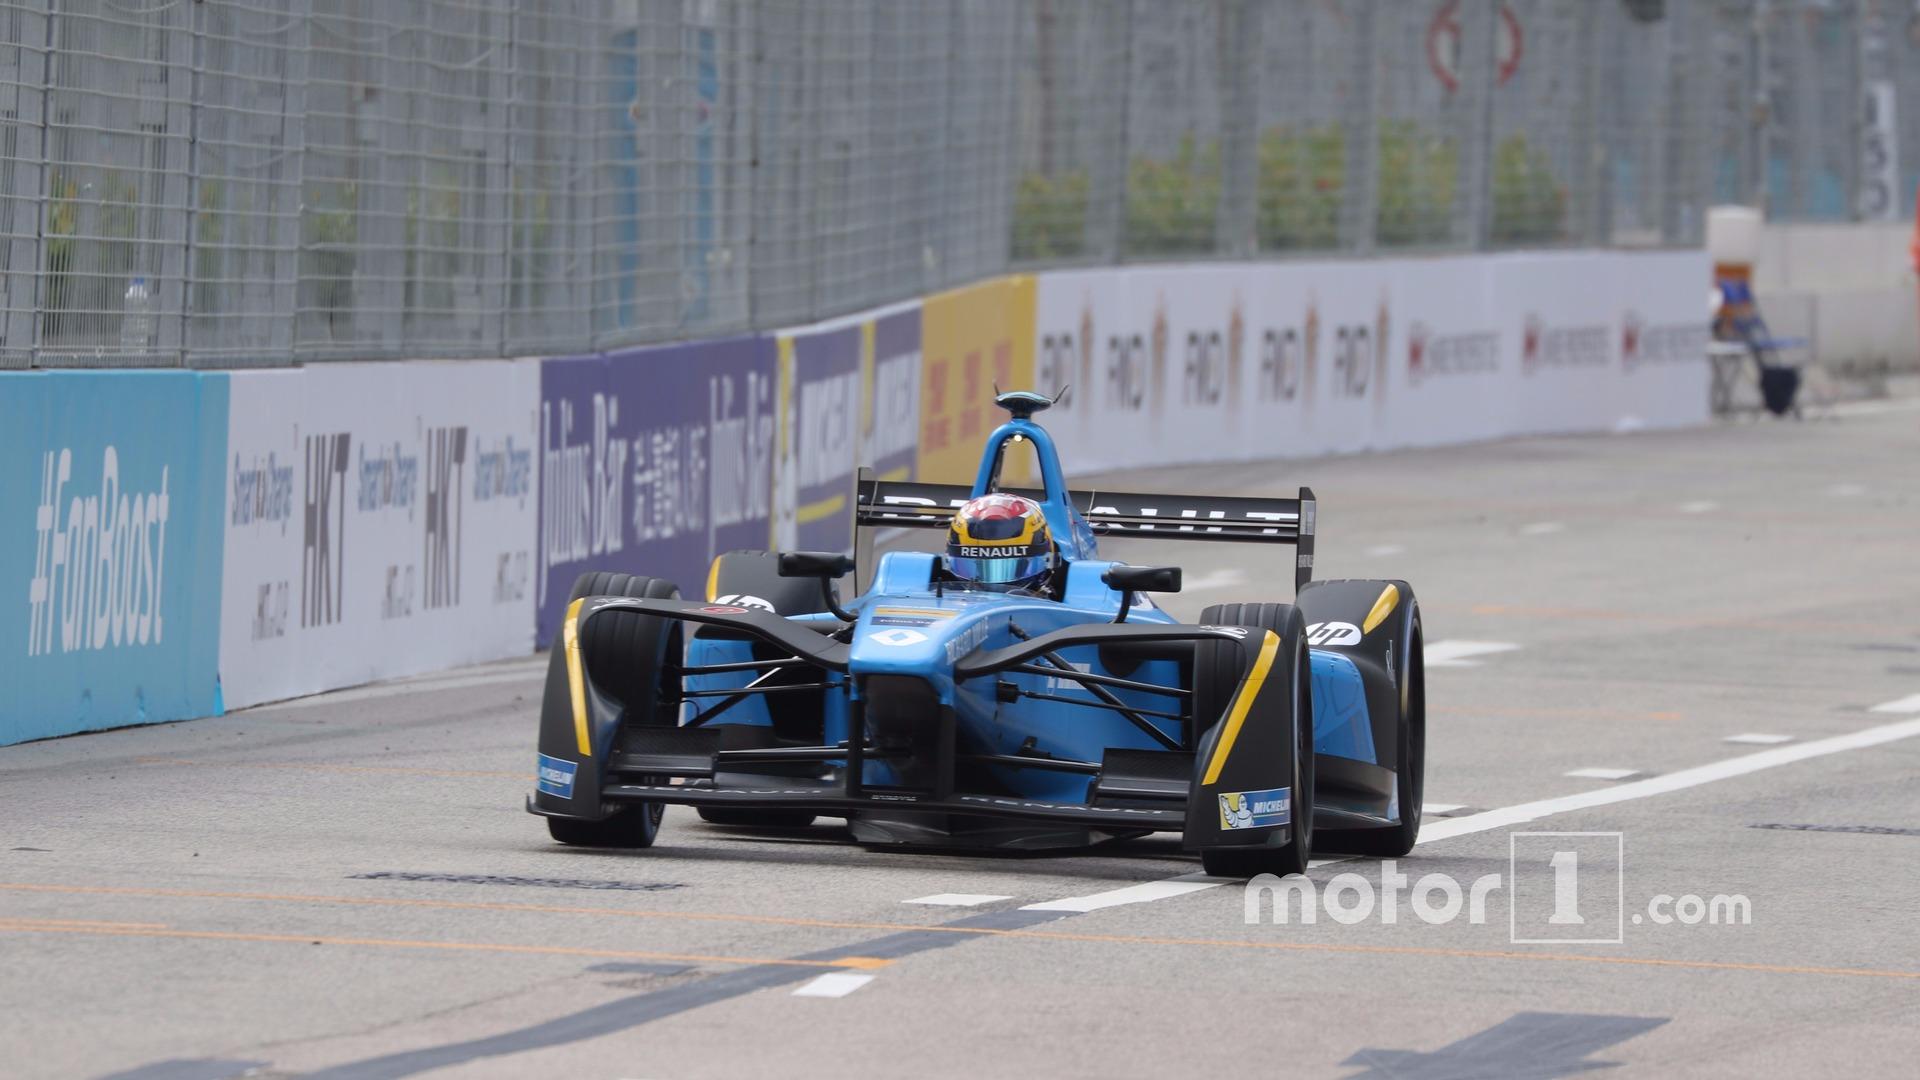 2016 Formula E Hong Kong ePrix - Race Results